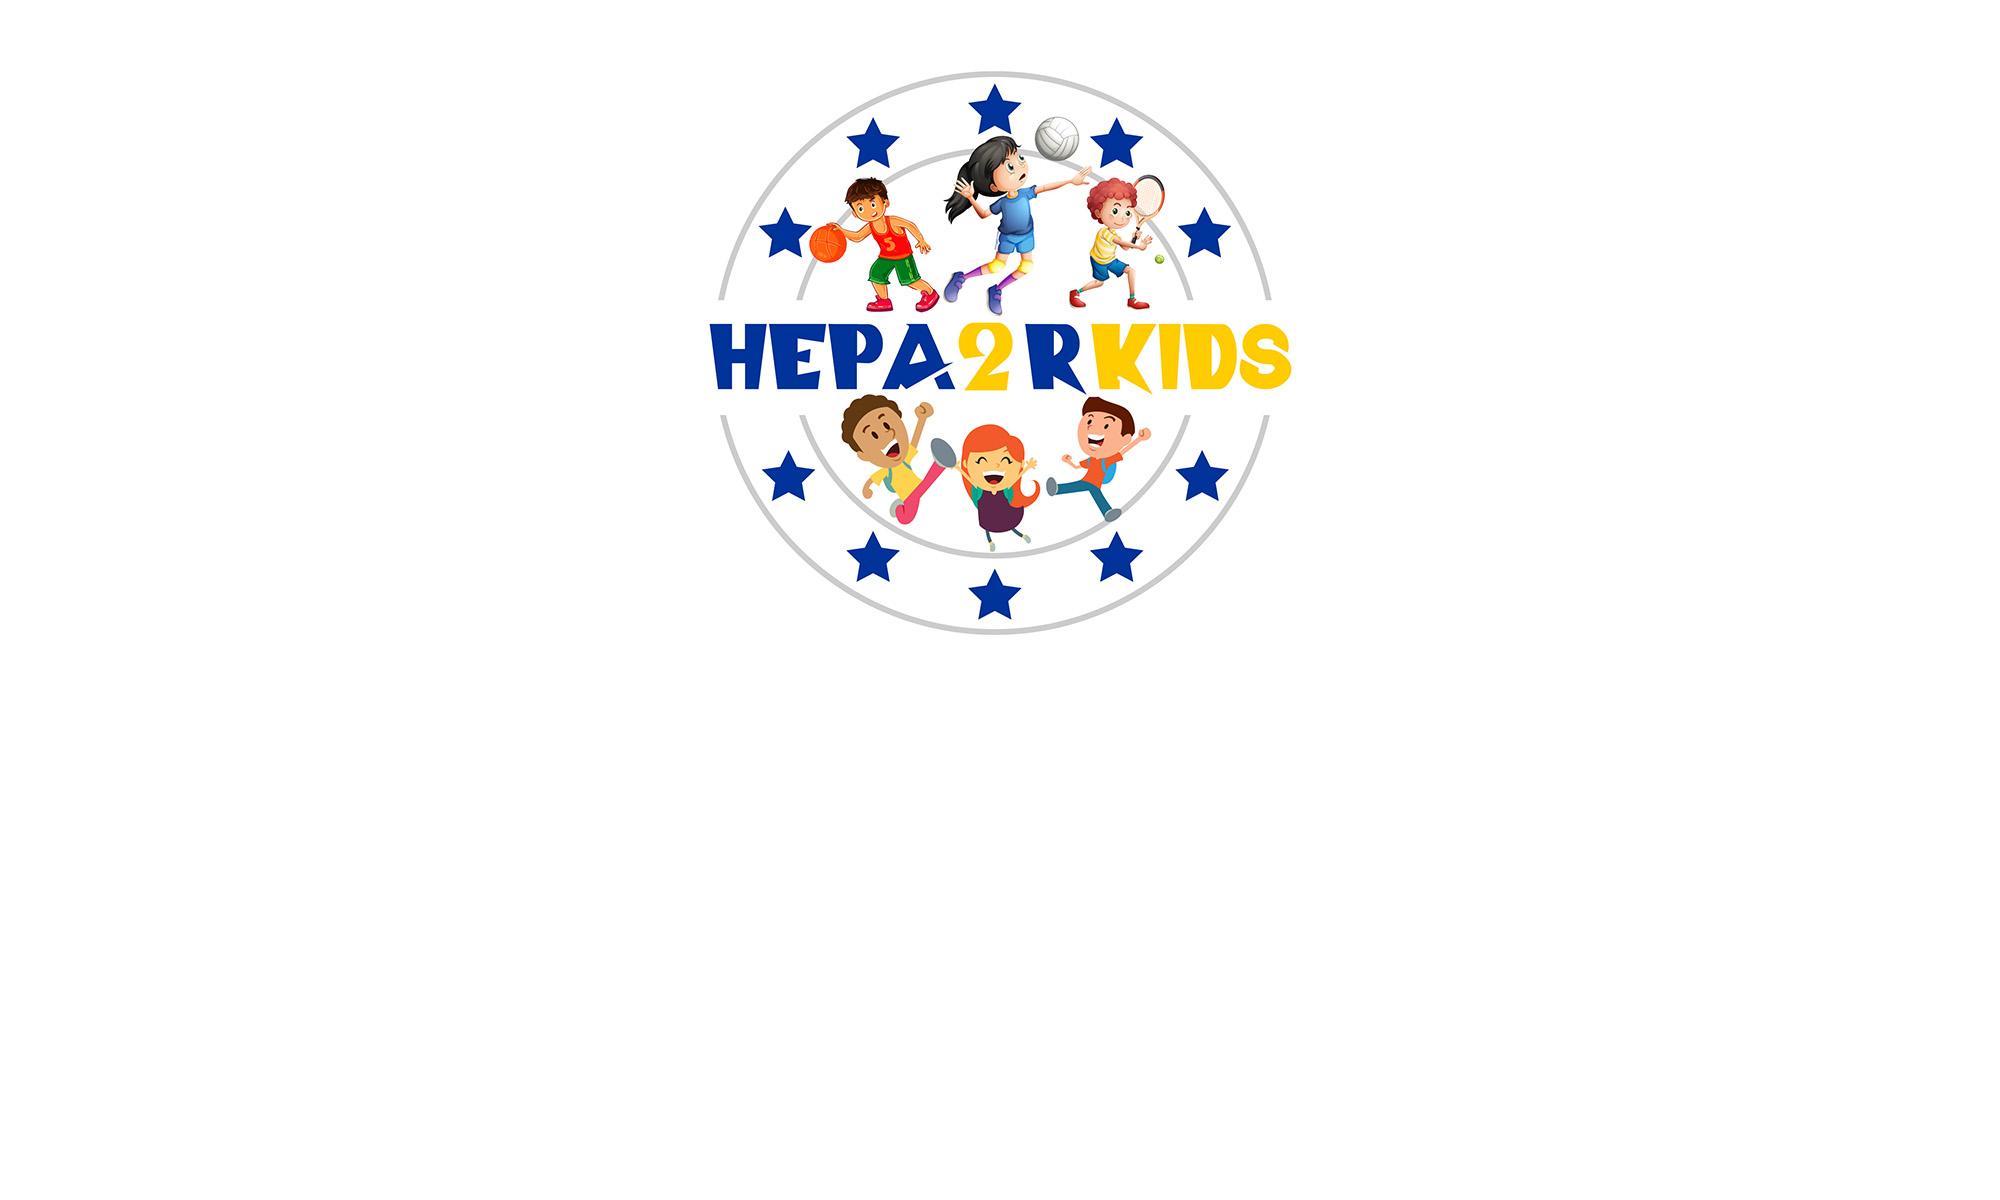 HEPA2RKids